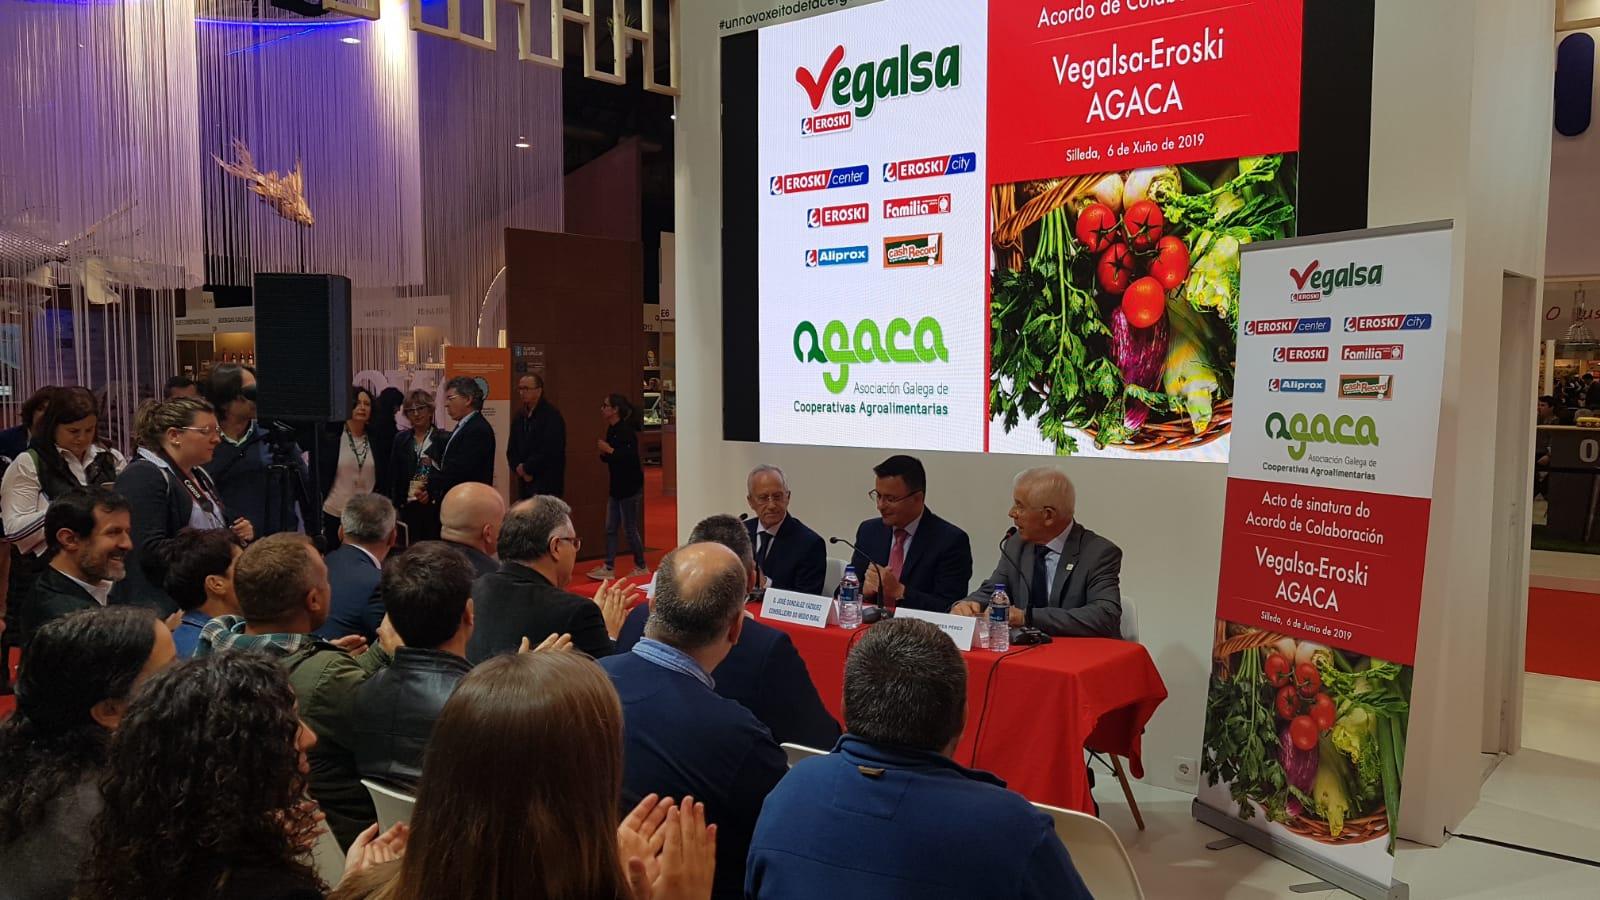 Vegalsa-Eroski destinó más de 1.308.000 euros a compras de productos agrarios de calidad diferenciada en el marco de su convenio con Agaca, un 3,5% más que en 2017